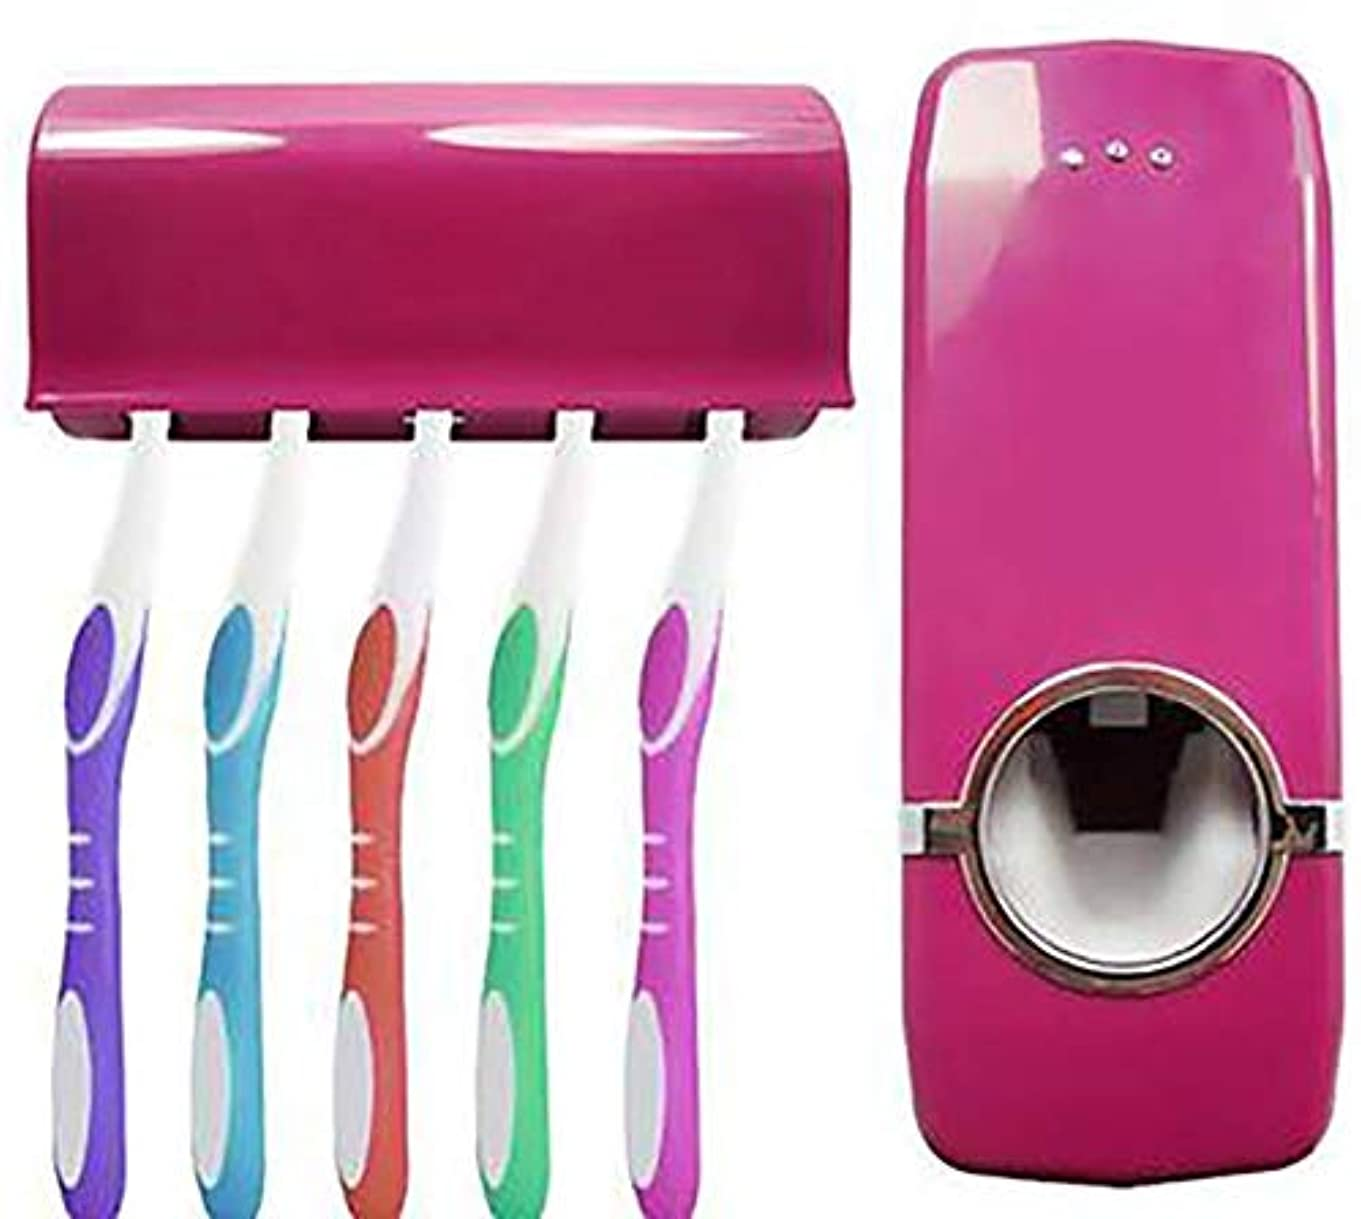 君主火炎豊かな自動歯磨き粉ディスペンサー/自動歯磨き粉のスクイーザ/便利/子供の浴室に適したシャワー、赤 Alysays (Color : Red)